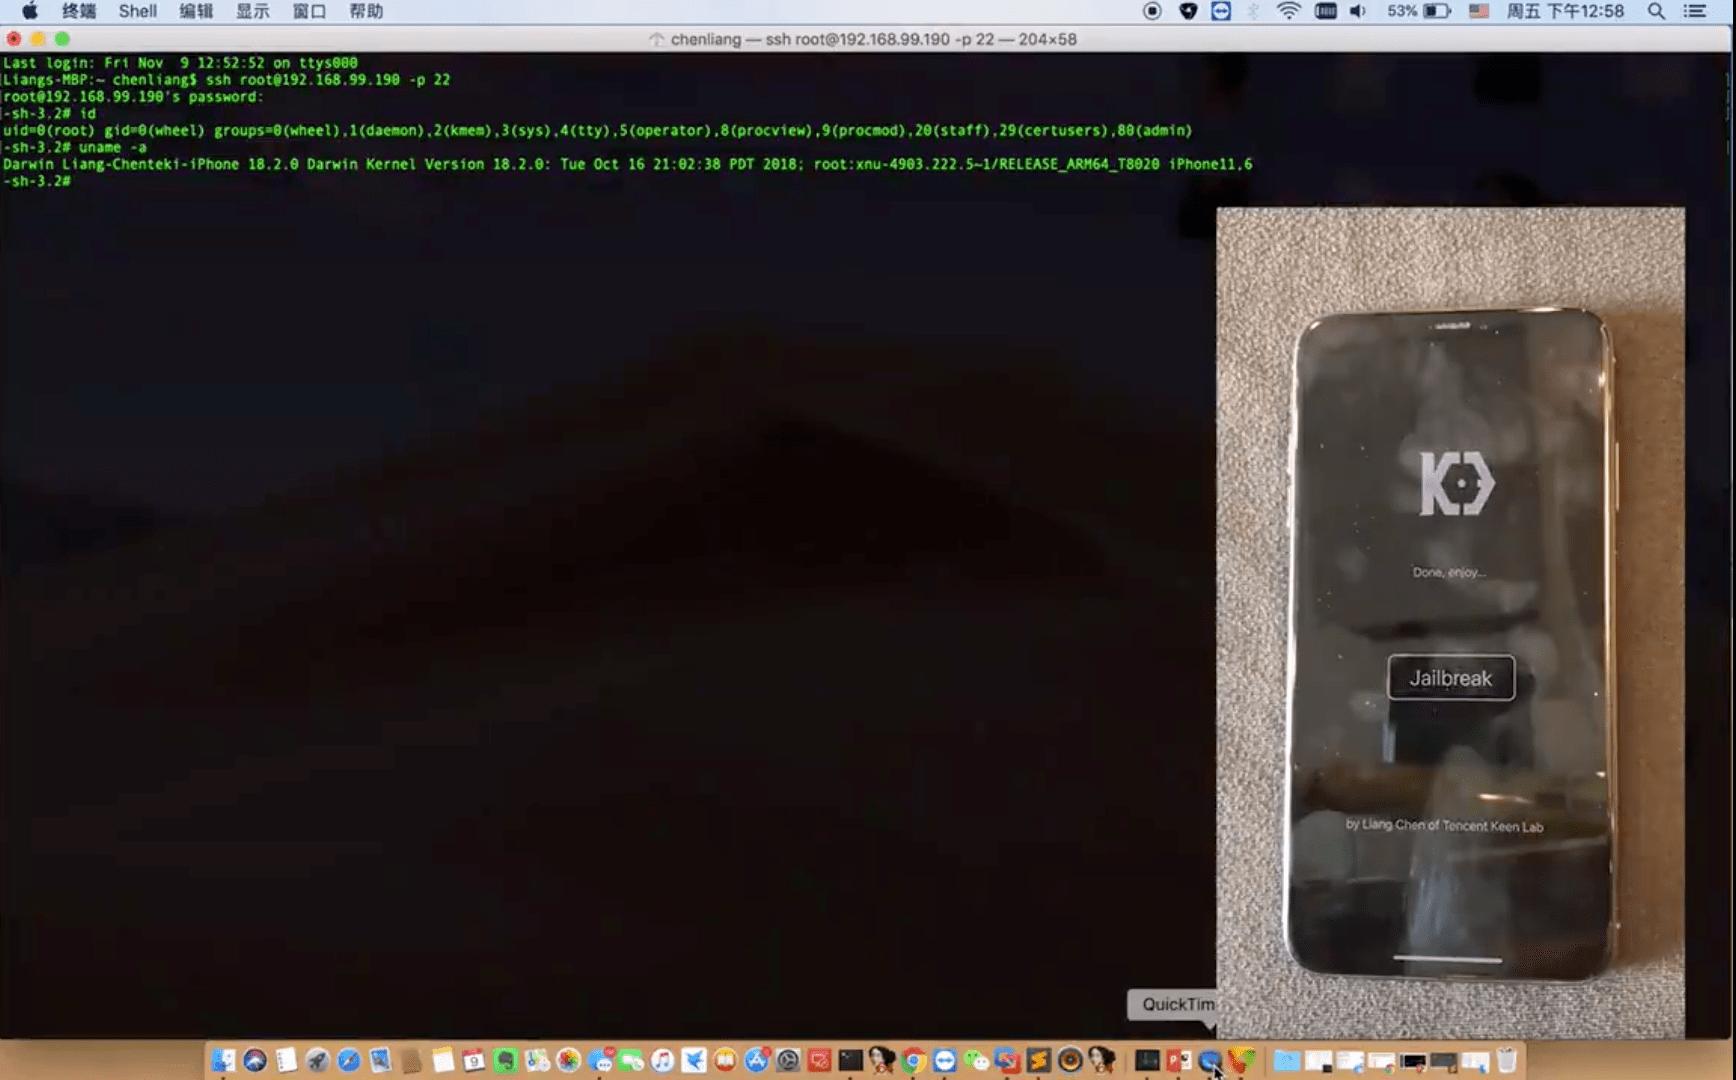 iOS 12 iPhone Xs Jailbreak von keenlab, Info, Hack4Life, Fabian Geissler, Demonstration, Anleitung, iOS 12.1, Downgrade, SHSH2 Blobs sichern, Trick